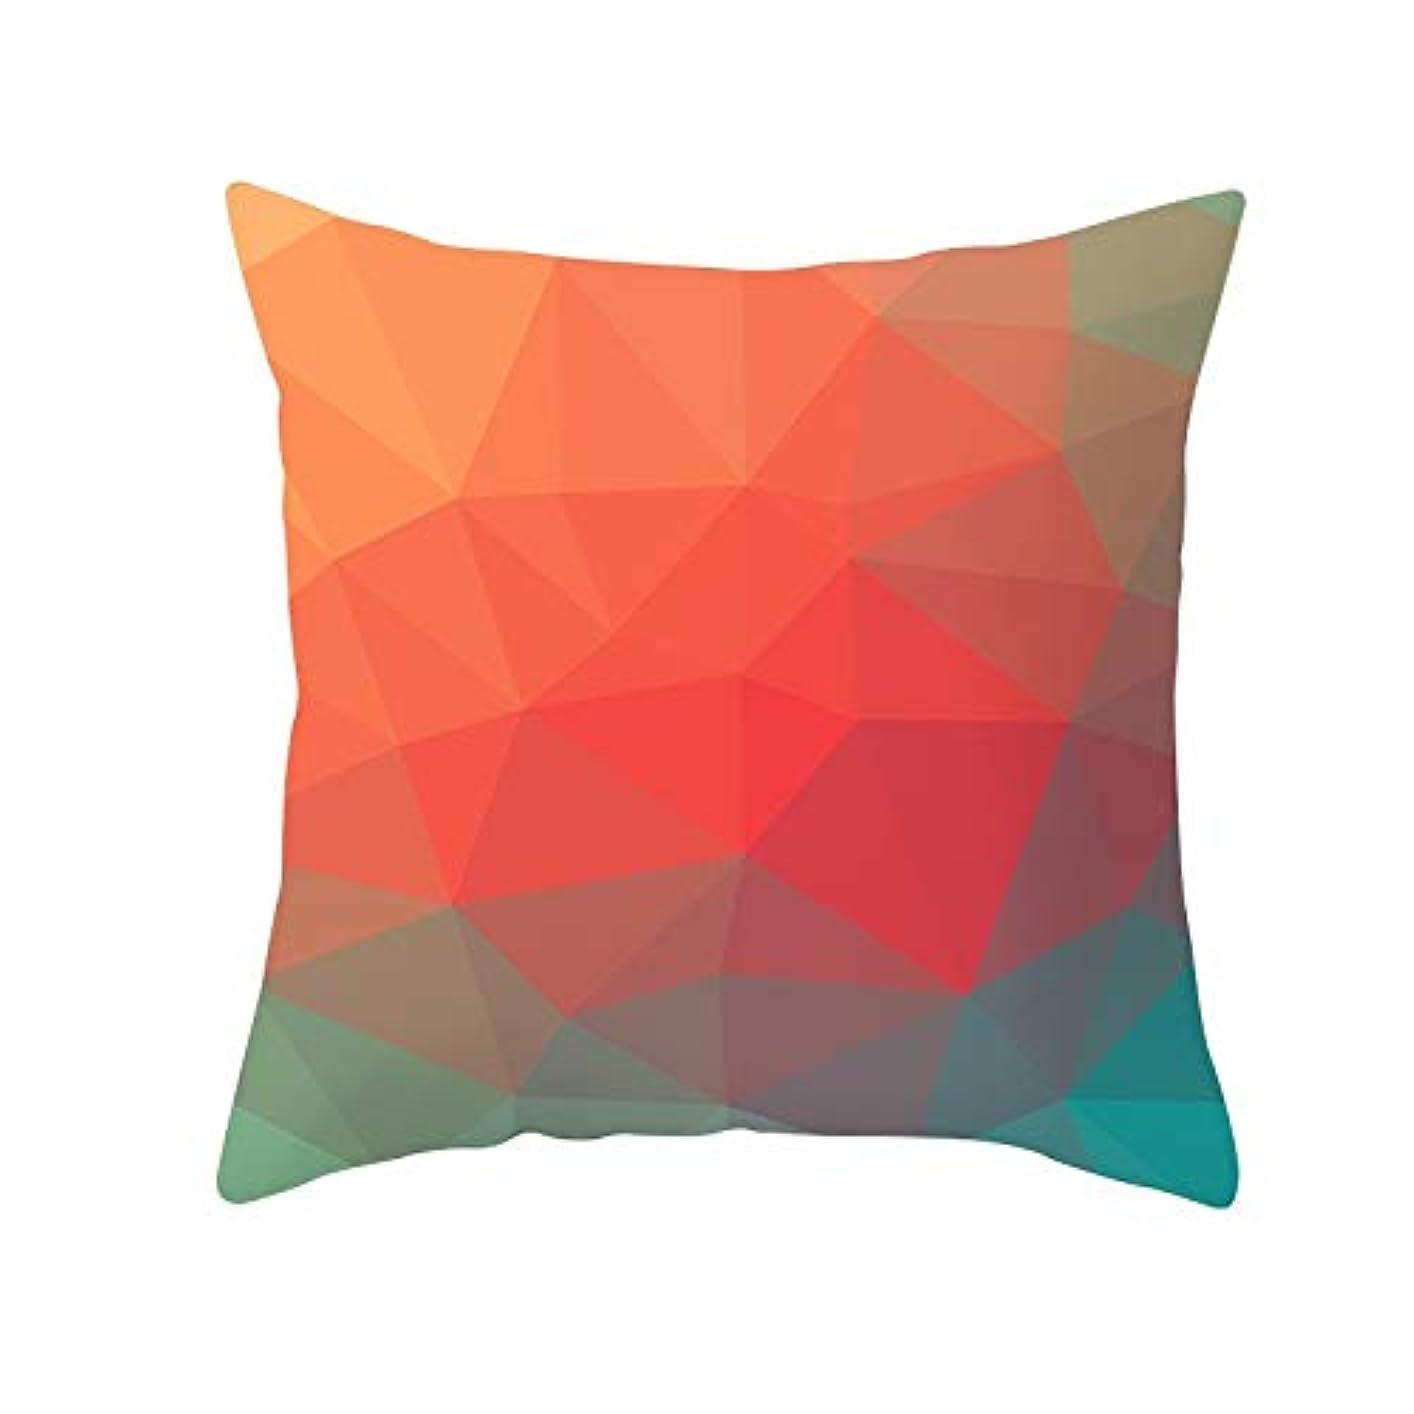 疑問に思う性別ふけるLIFE 装飾クッションソファ 幾何学プリントポリエステル正方形の枕ソファスロークッション家の装飾 coussin デ長椅子 クッション 椅子